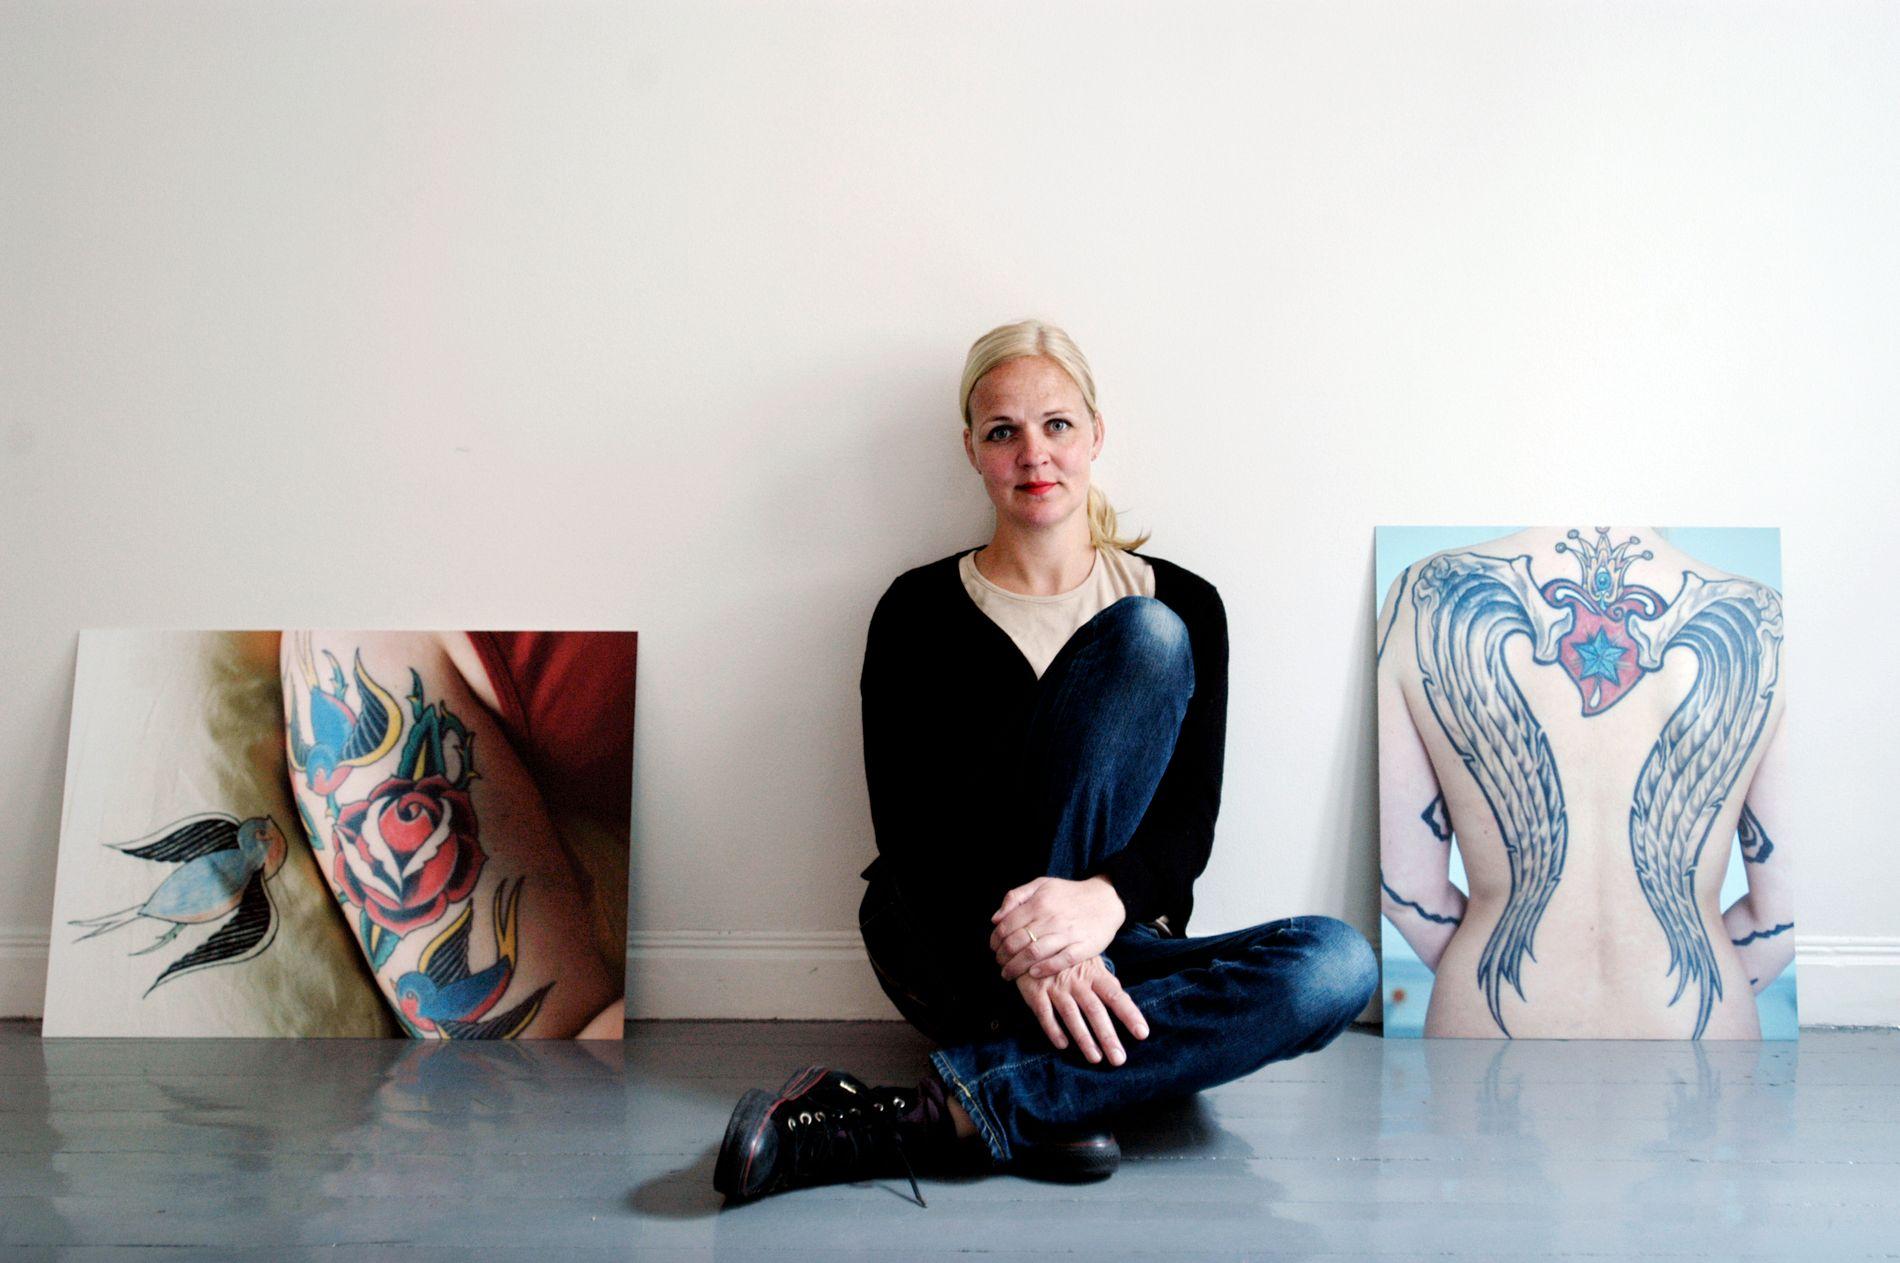 I SAMLINGEN: Lotte Konow-Lund i Galleri Bouhlou i 2005 (arkivfoto).